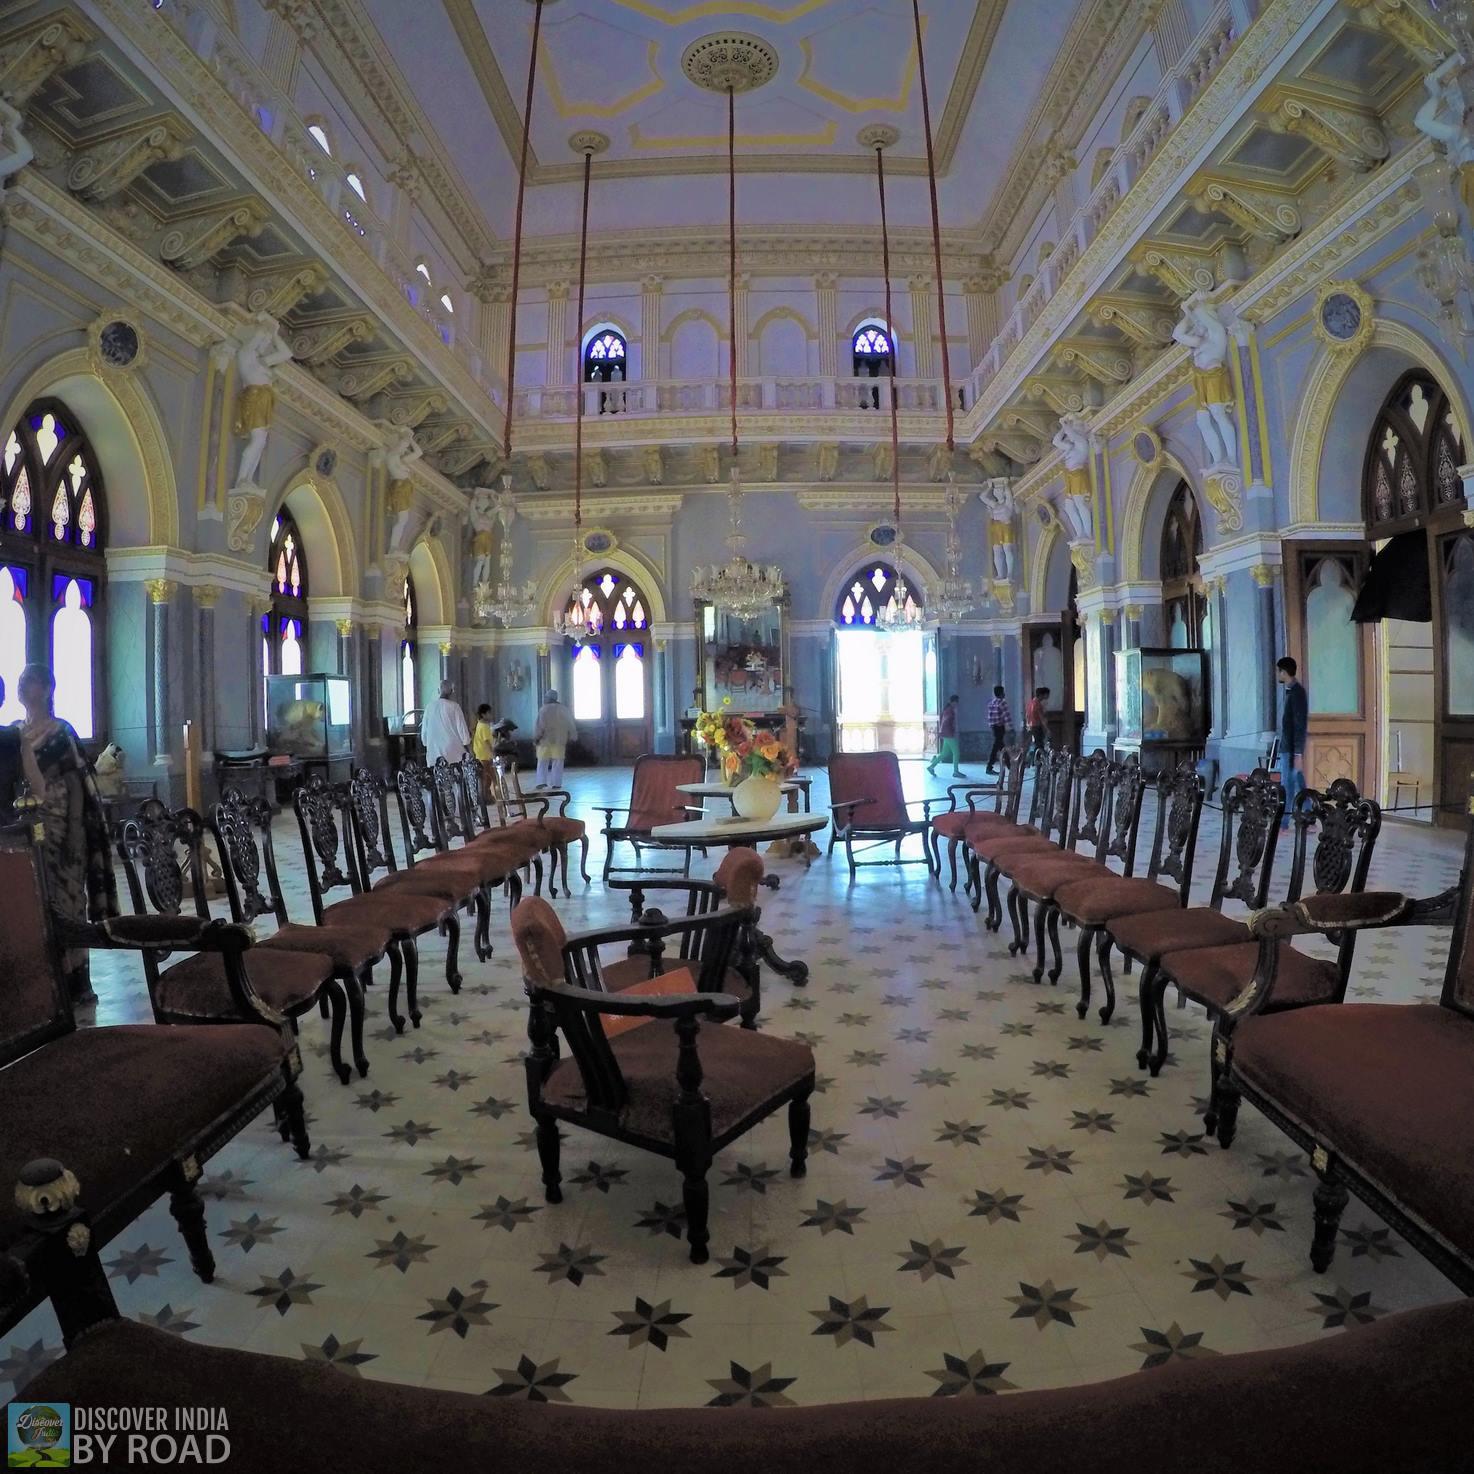 Royal Darbarhall of Prag Mahal Palace